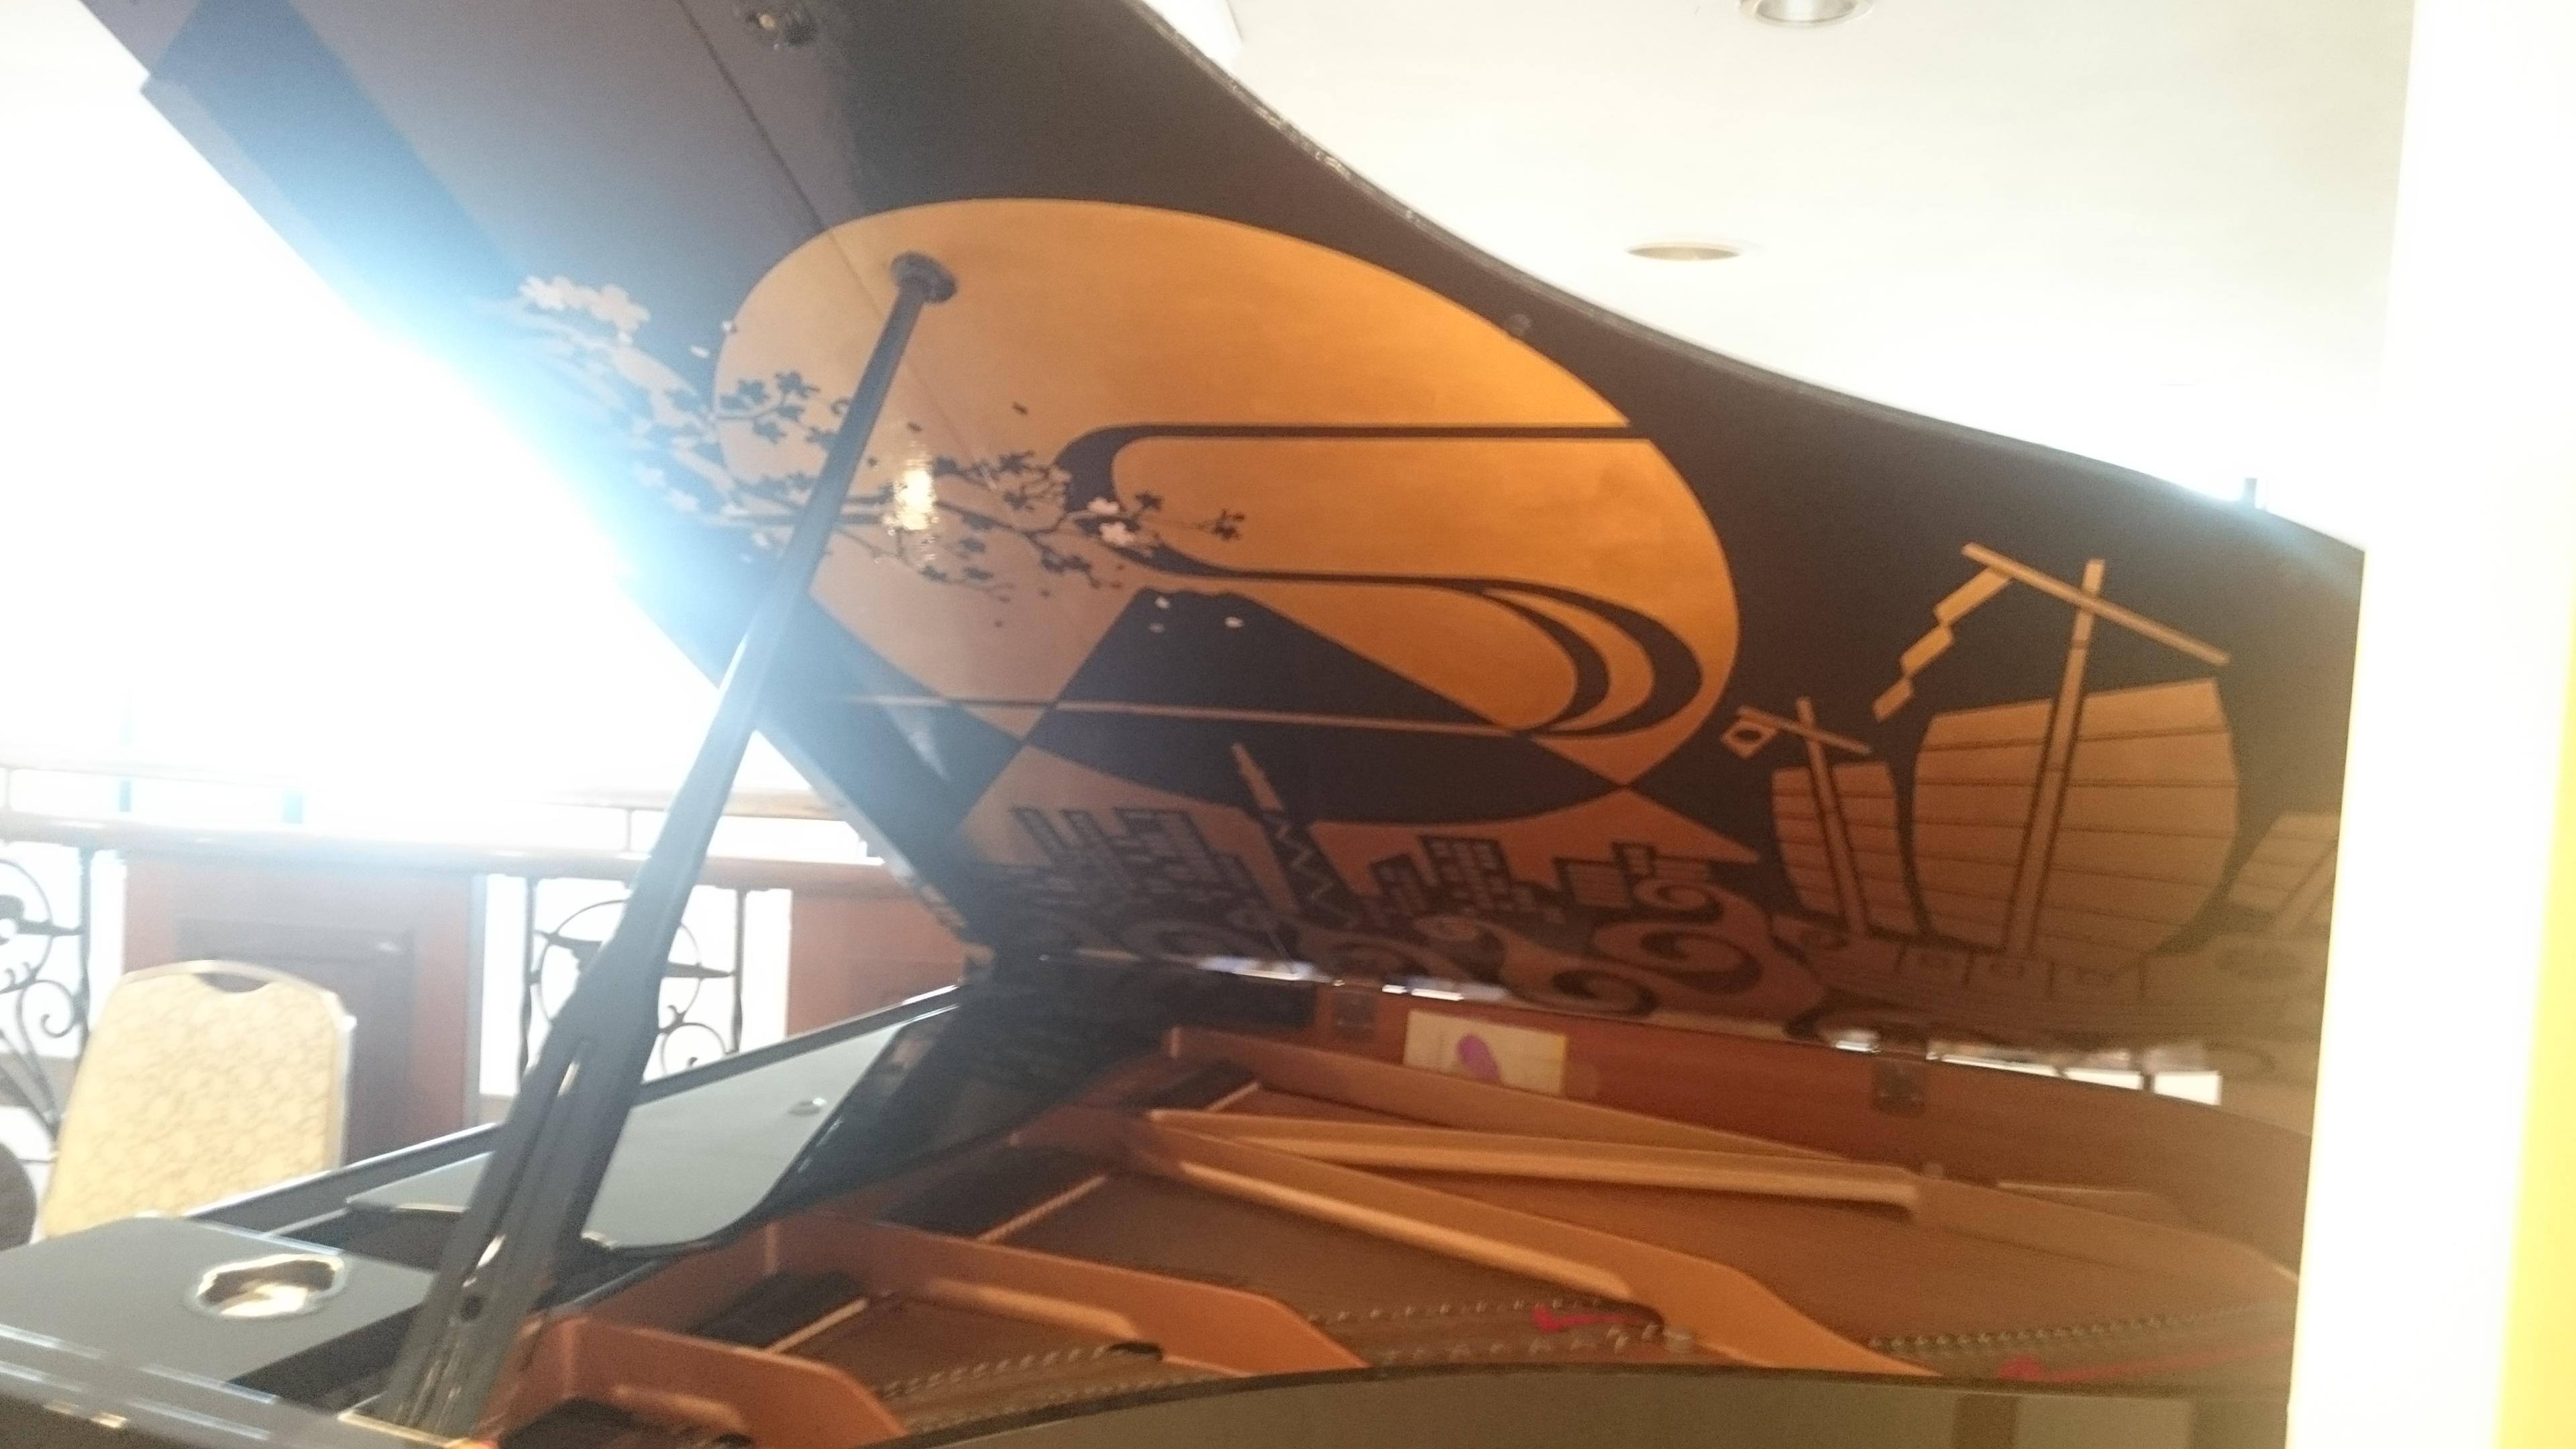 アルベルト城間さん作 新江戸上り サンパレス球陽館のピアノ 沖縄県那覇市